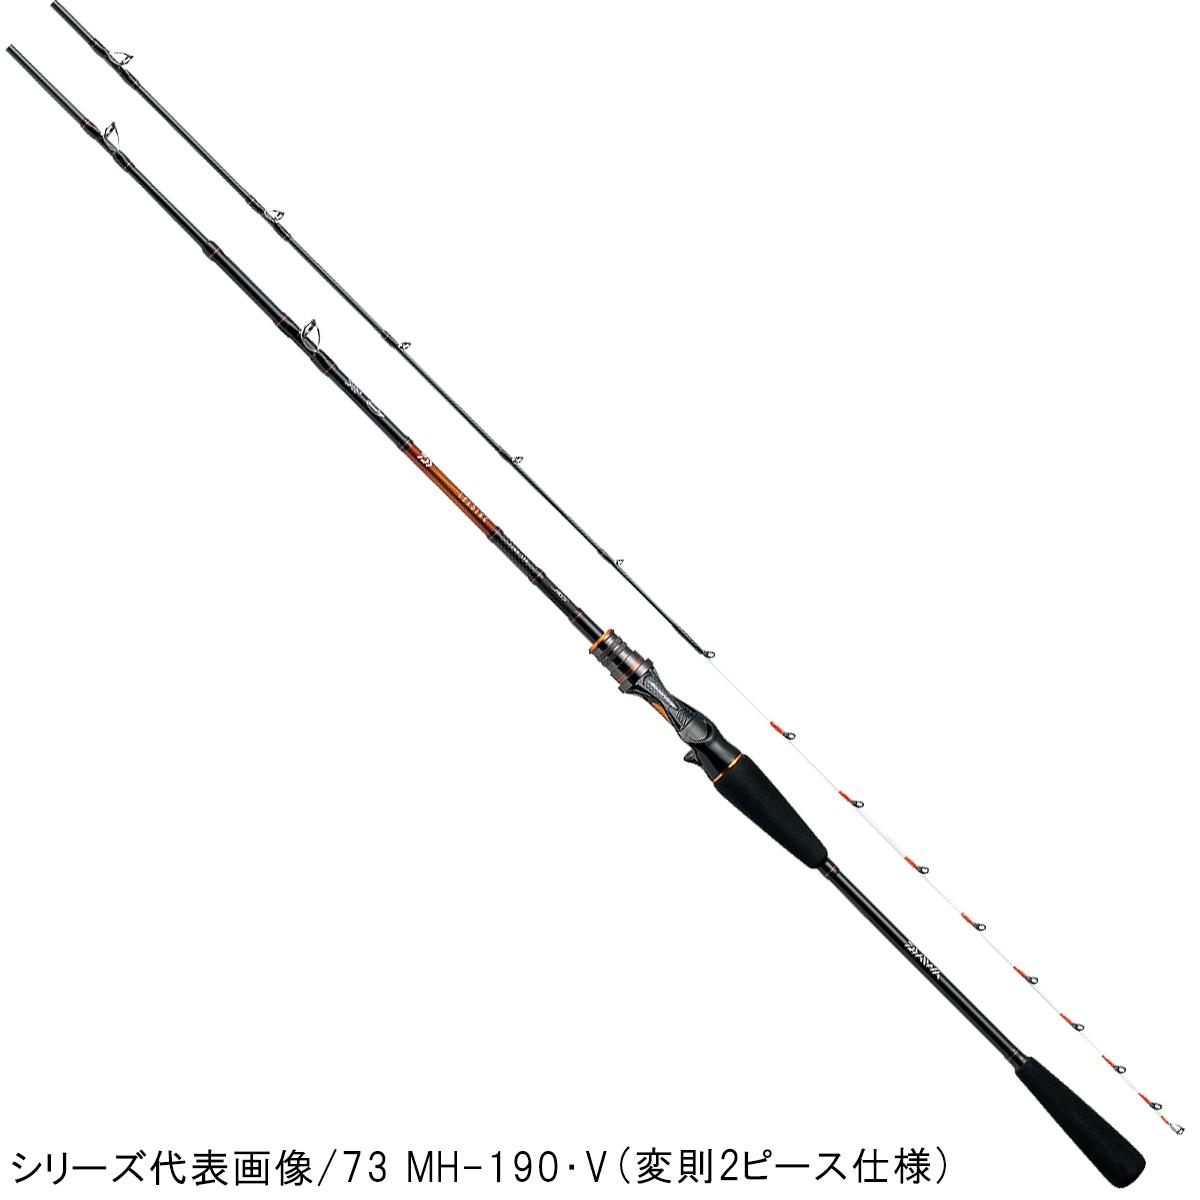 ダイワ リーディング 64 M-190・V